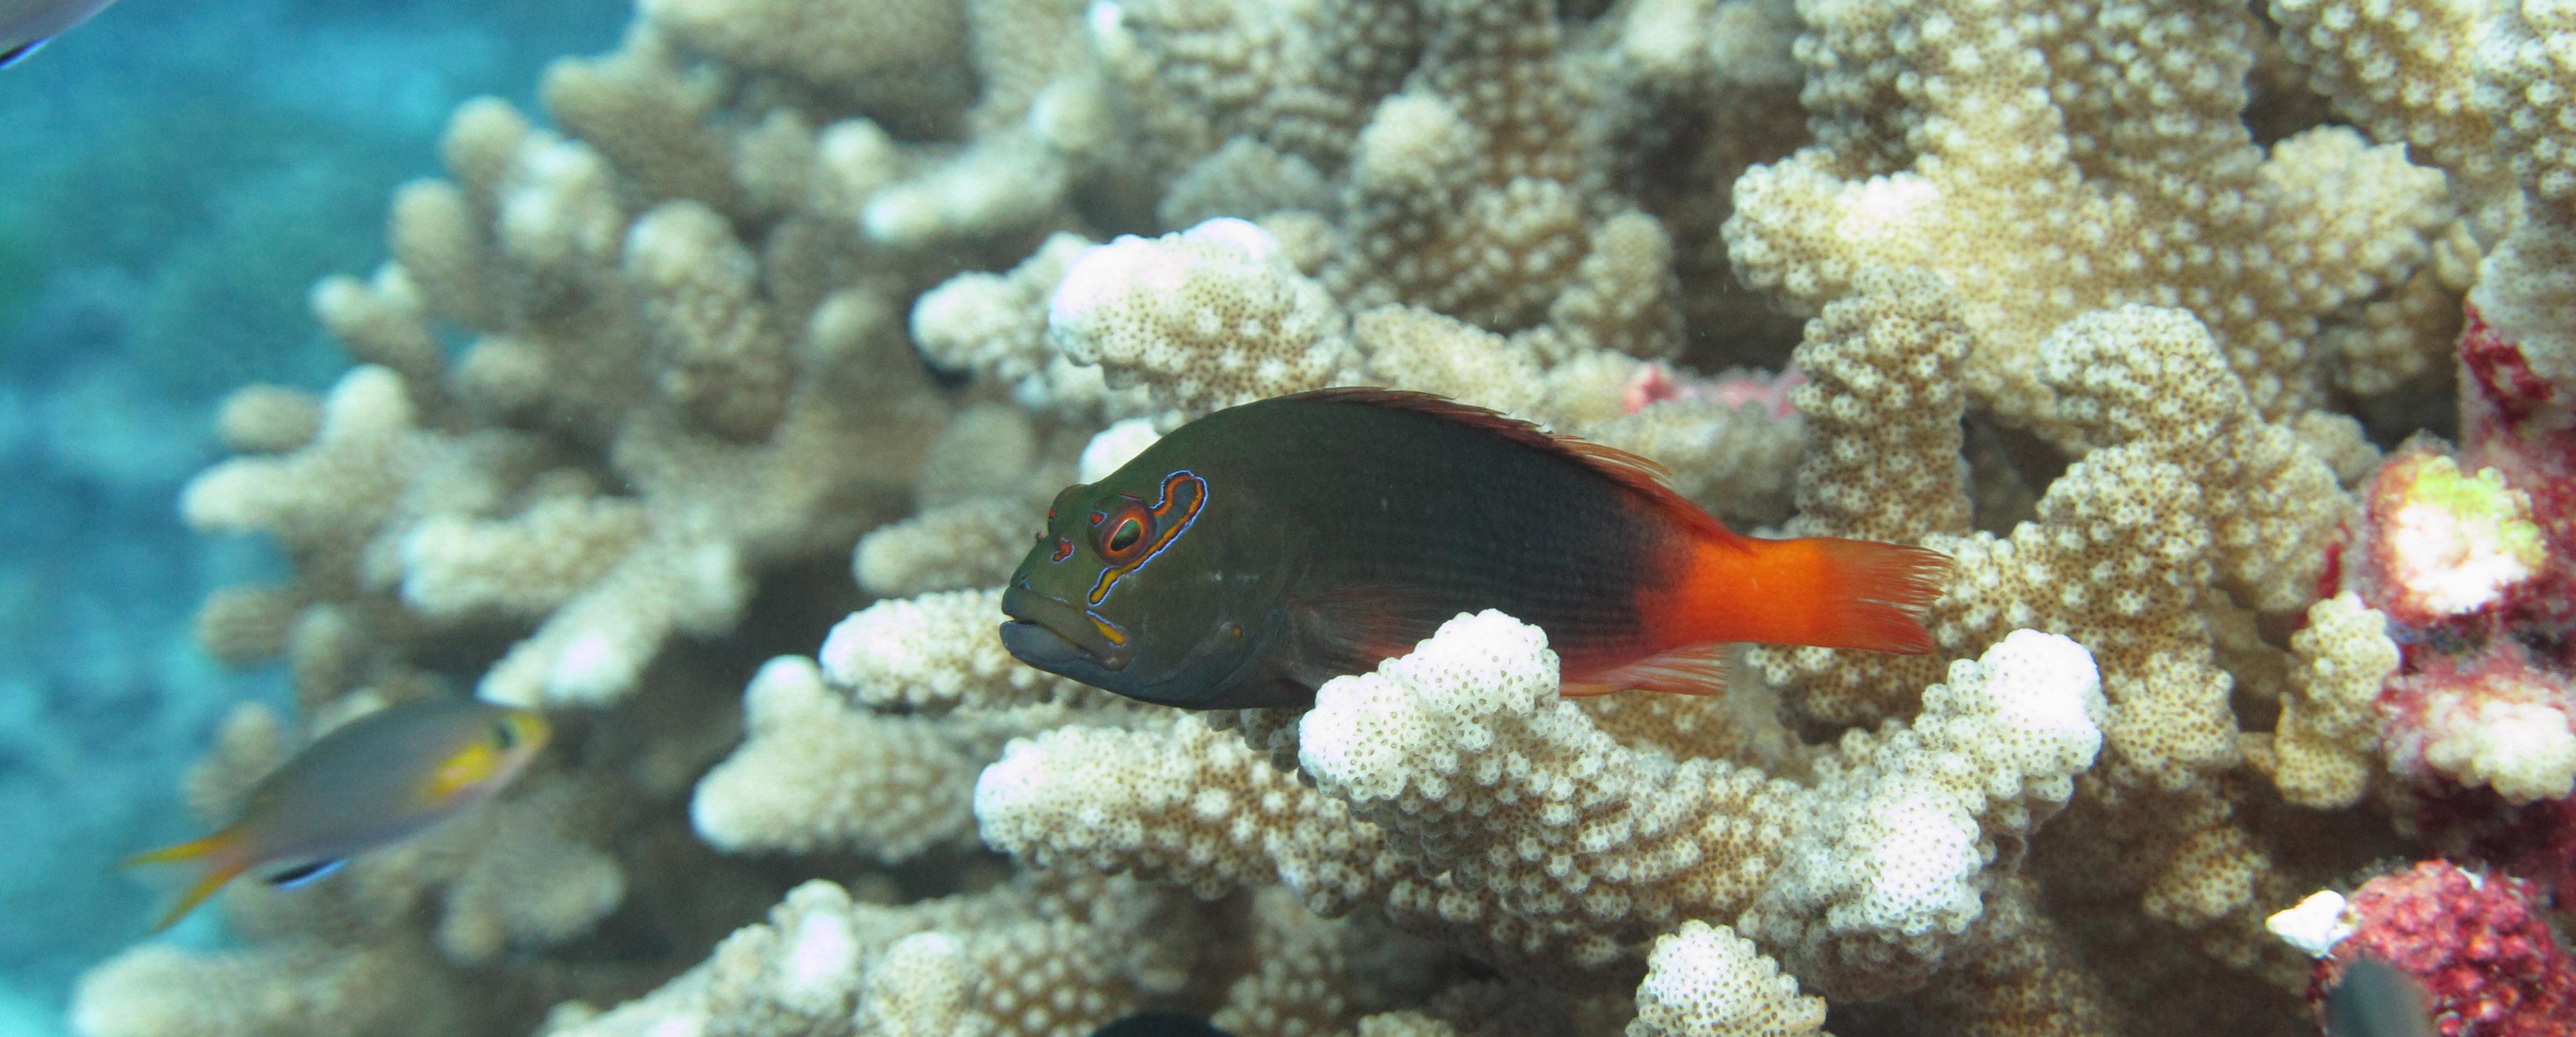 Arc-eye hawkfish on a reef in the South Pacific. PC: Brian Zgliczynski